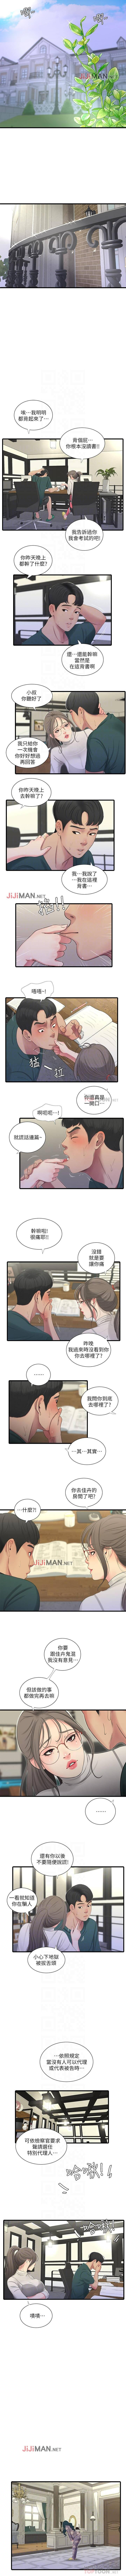 【周四连载】亲家四姐妹(作者:愛摸) 第1~37话 145